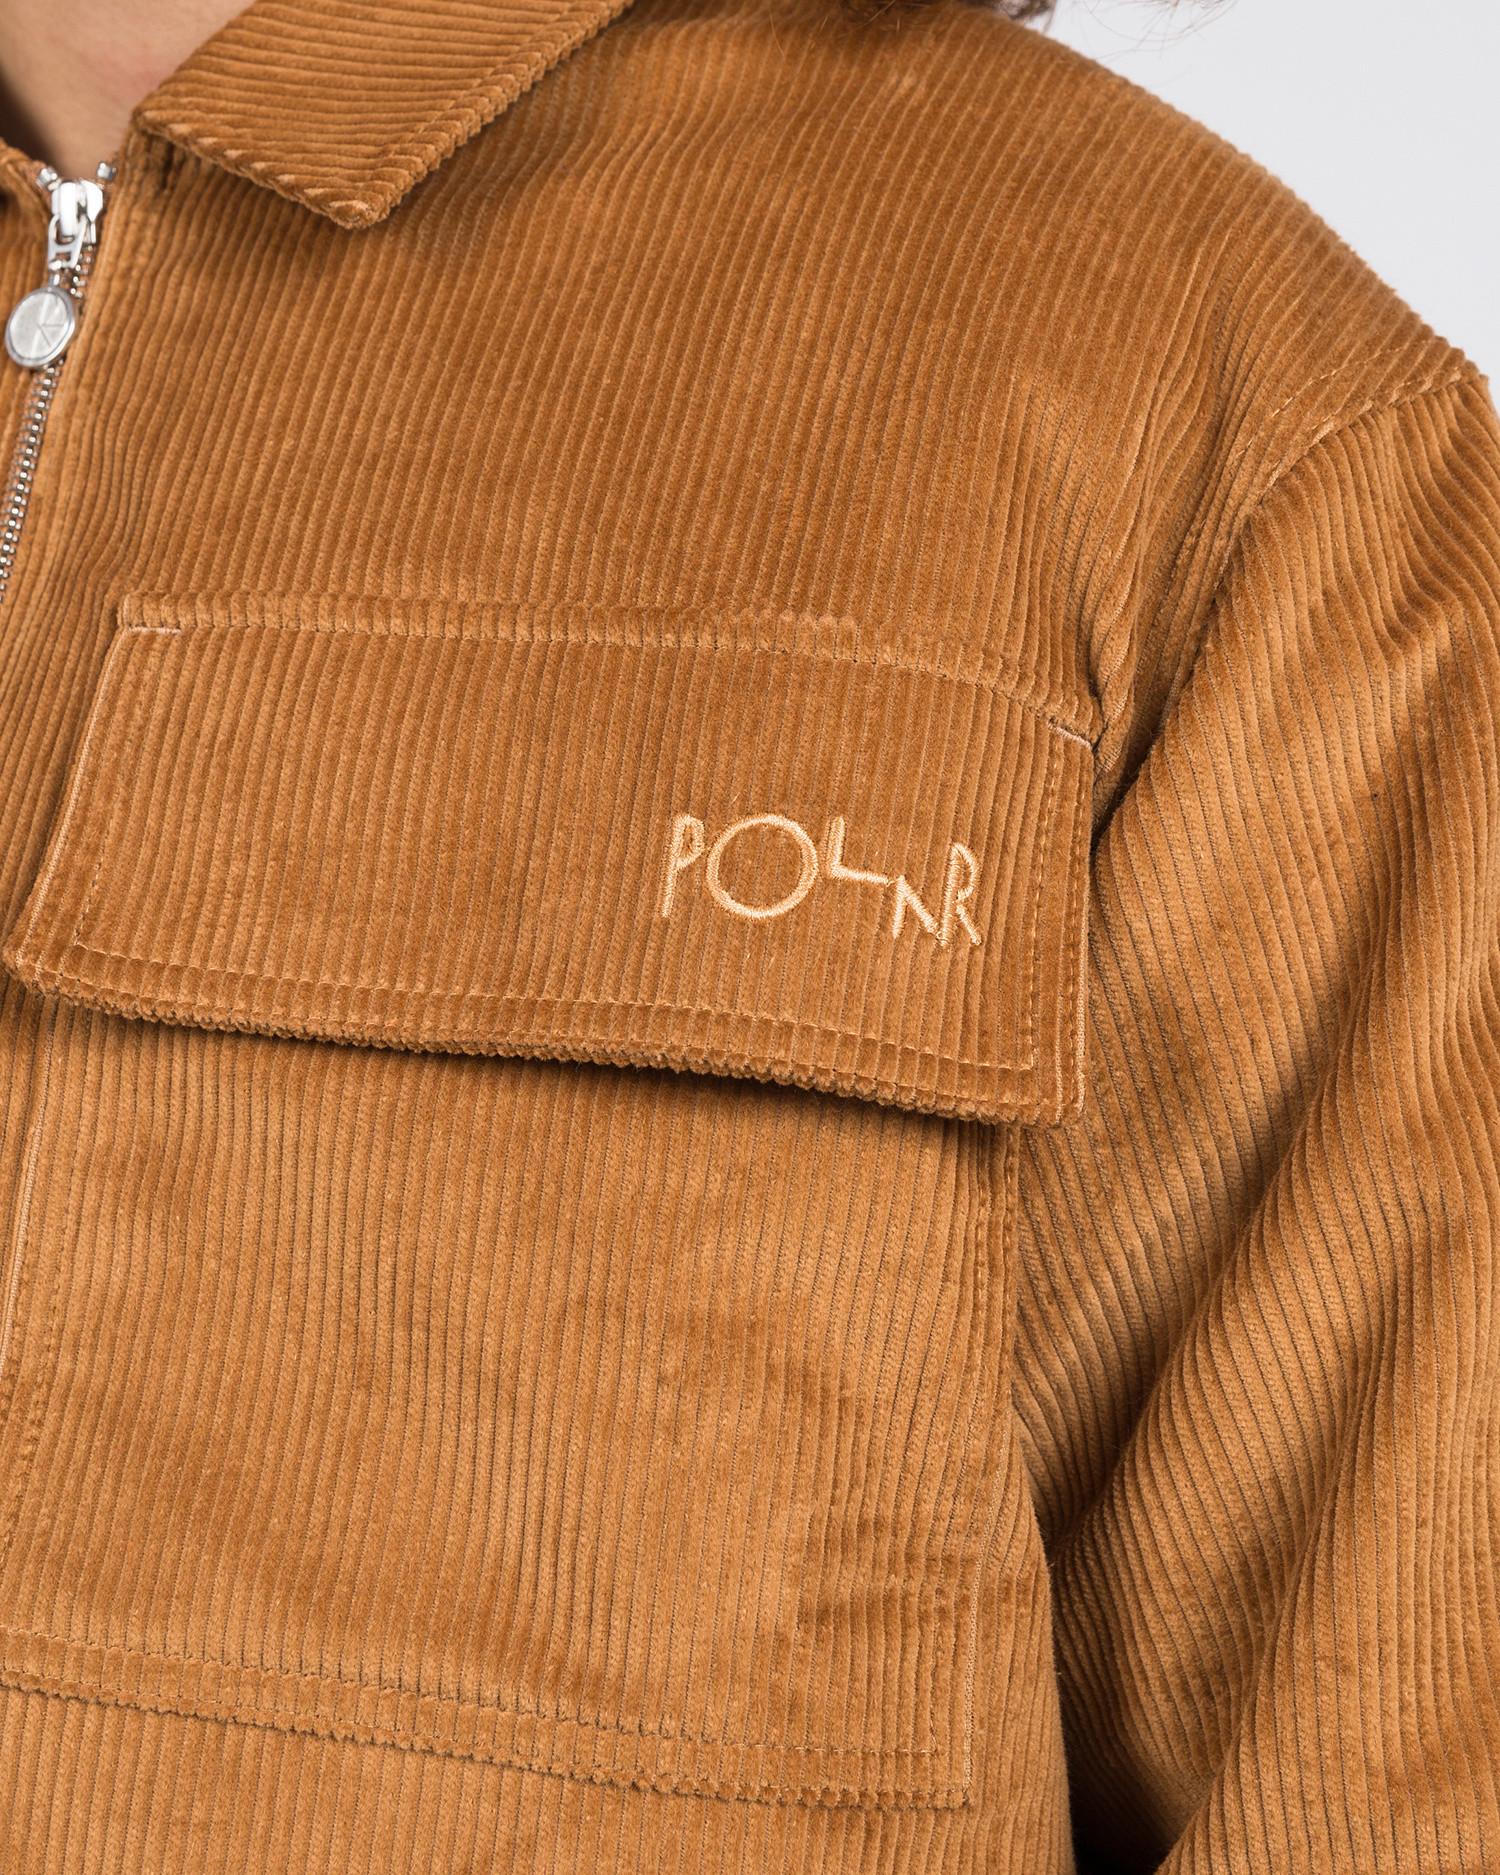 Polar Cord Jacket Tan